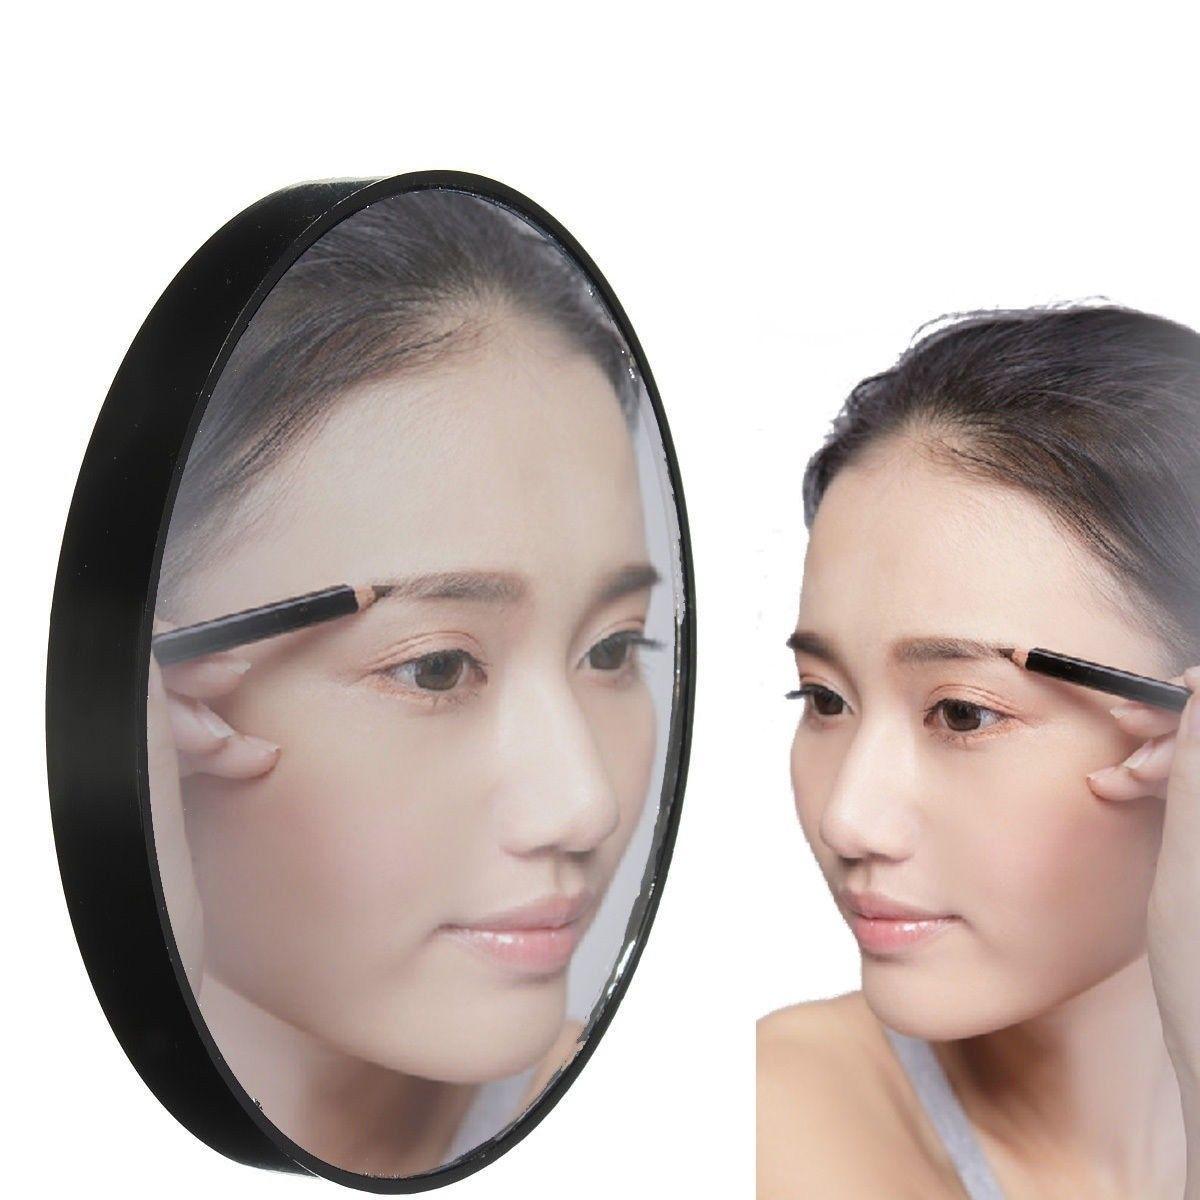 Schminkspiegel Spiegel Clever Mode 10x Riesige Vergrößerungs Make-up Tasche Glas Kosmetik Spiegel Saug-schwarz